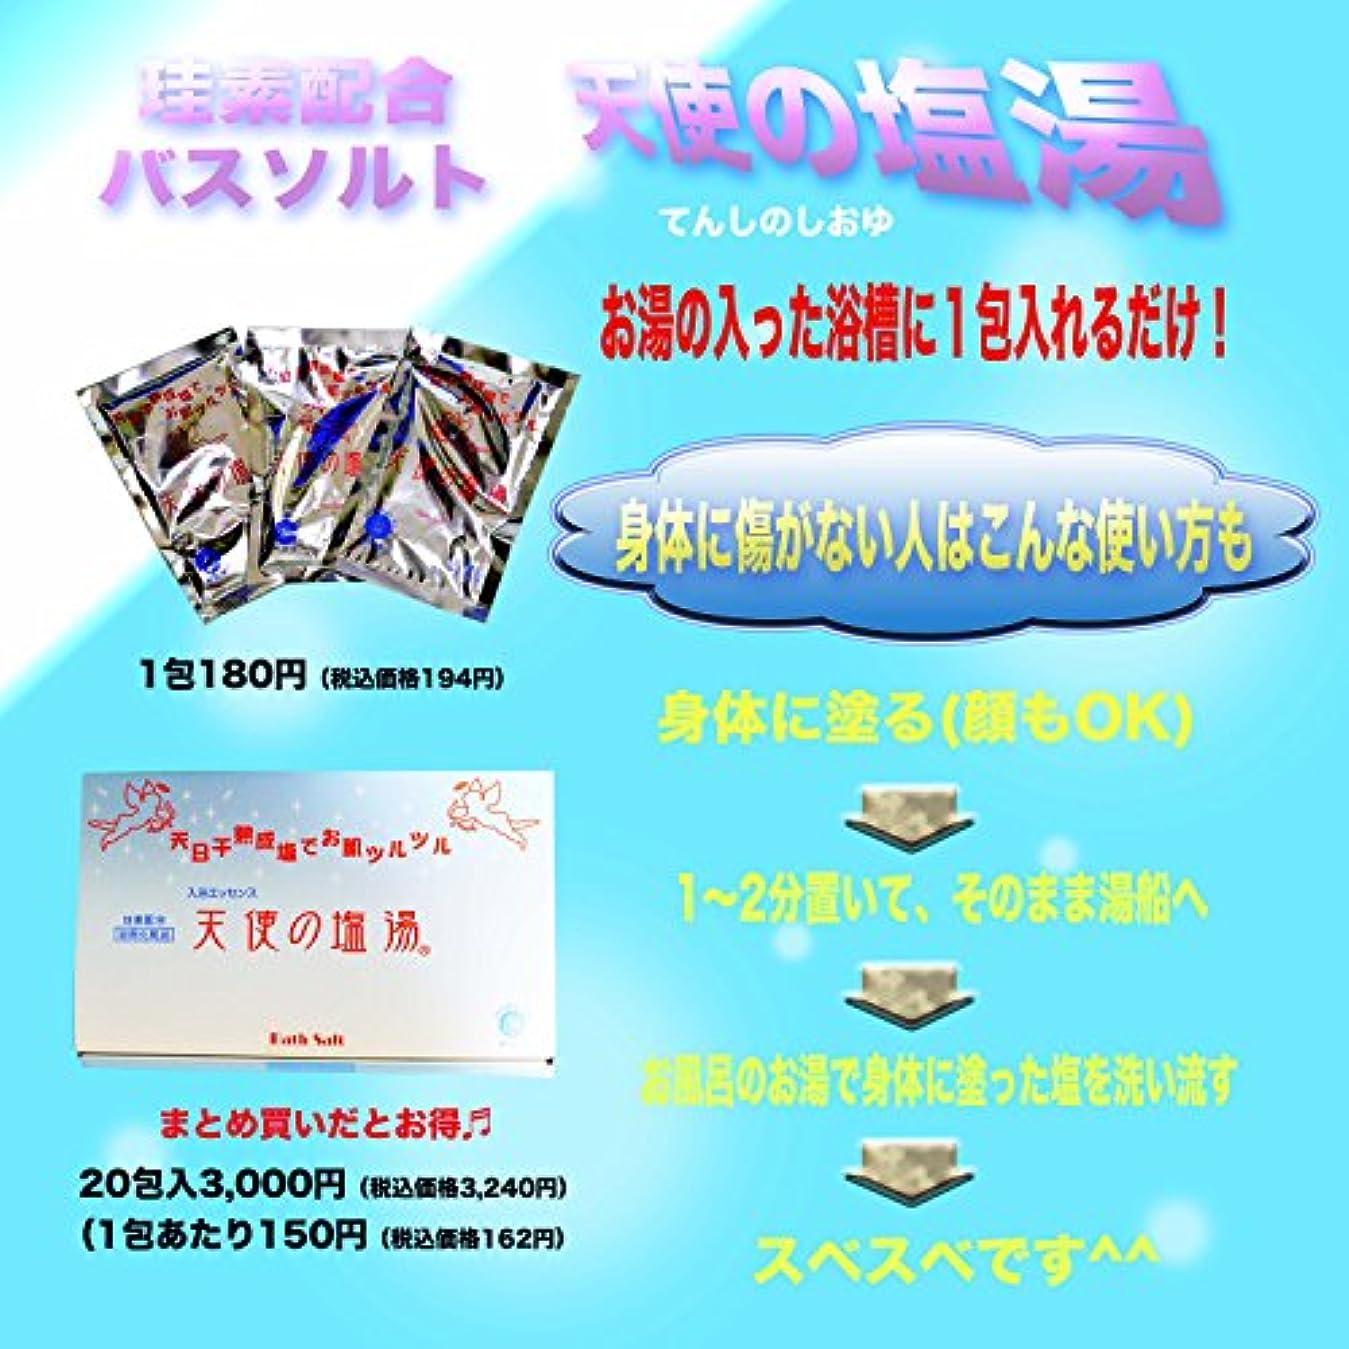 熱帯のつかの間溶岩入浴エッセンス 天使の塩湯(70g×20袋入) 日本珪素医科学学会 承認品